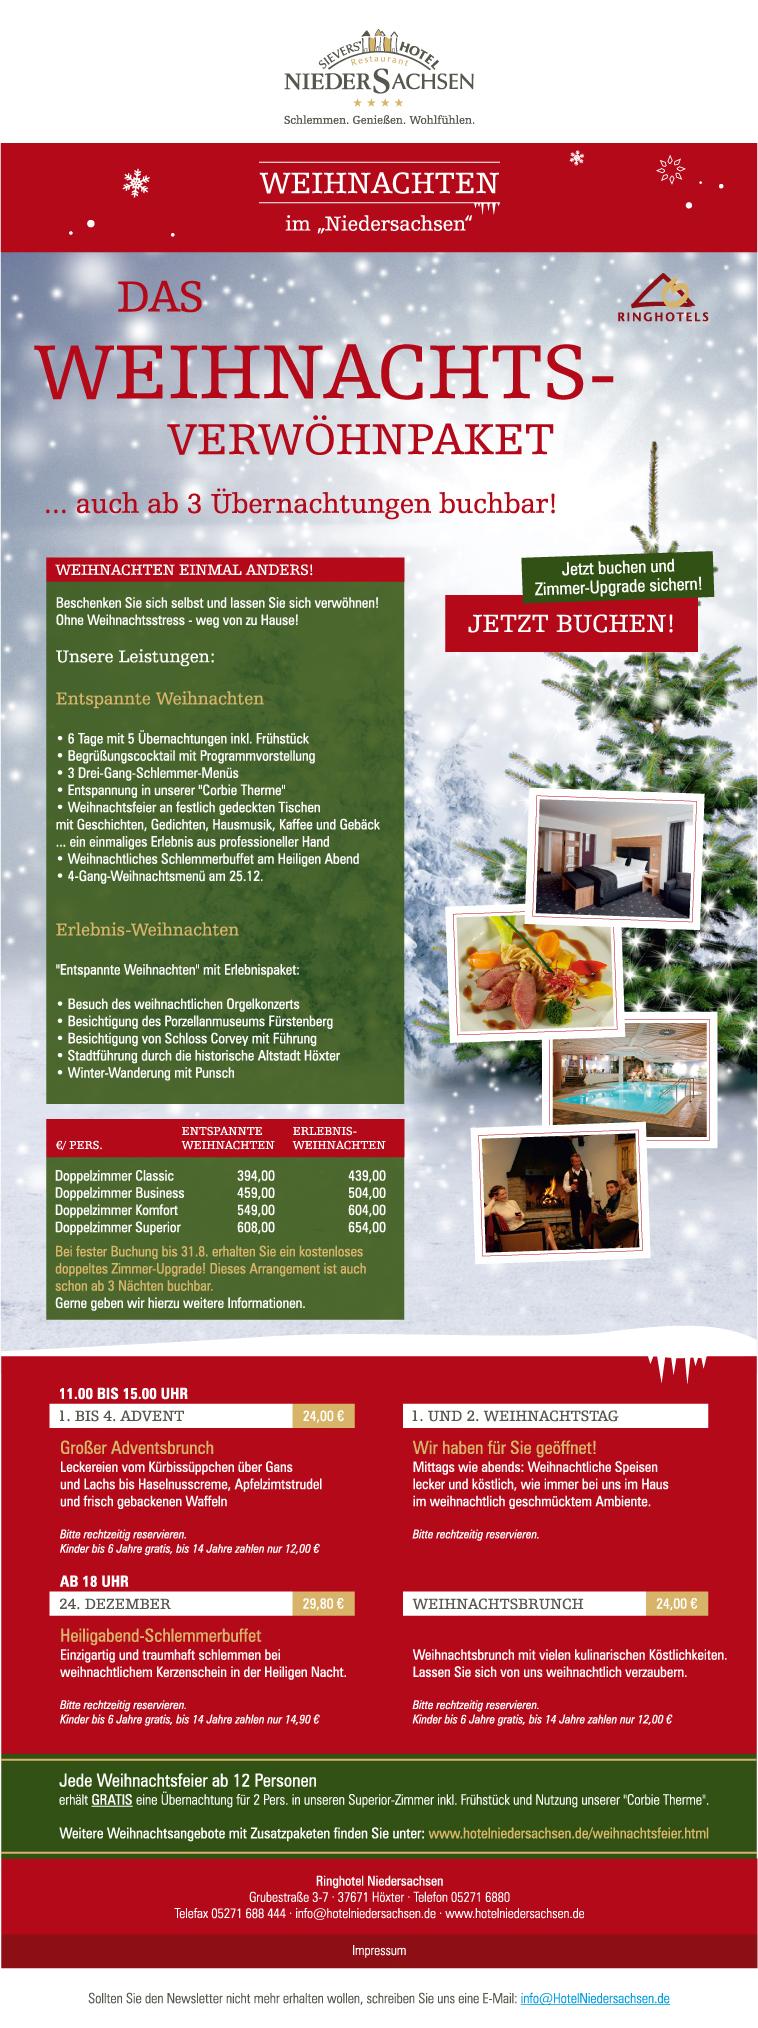 http://tsdata.de/newsletter/hotelniedersachsen/data/2013/das-weihnachts-verwoehnpaket/das-weihnachts-verwoehnpaket.jpg?v=3